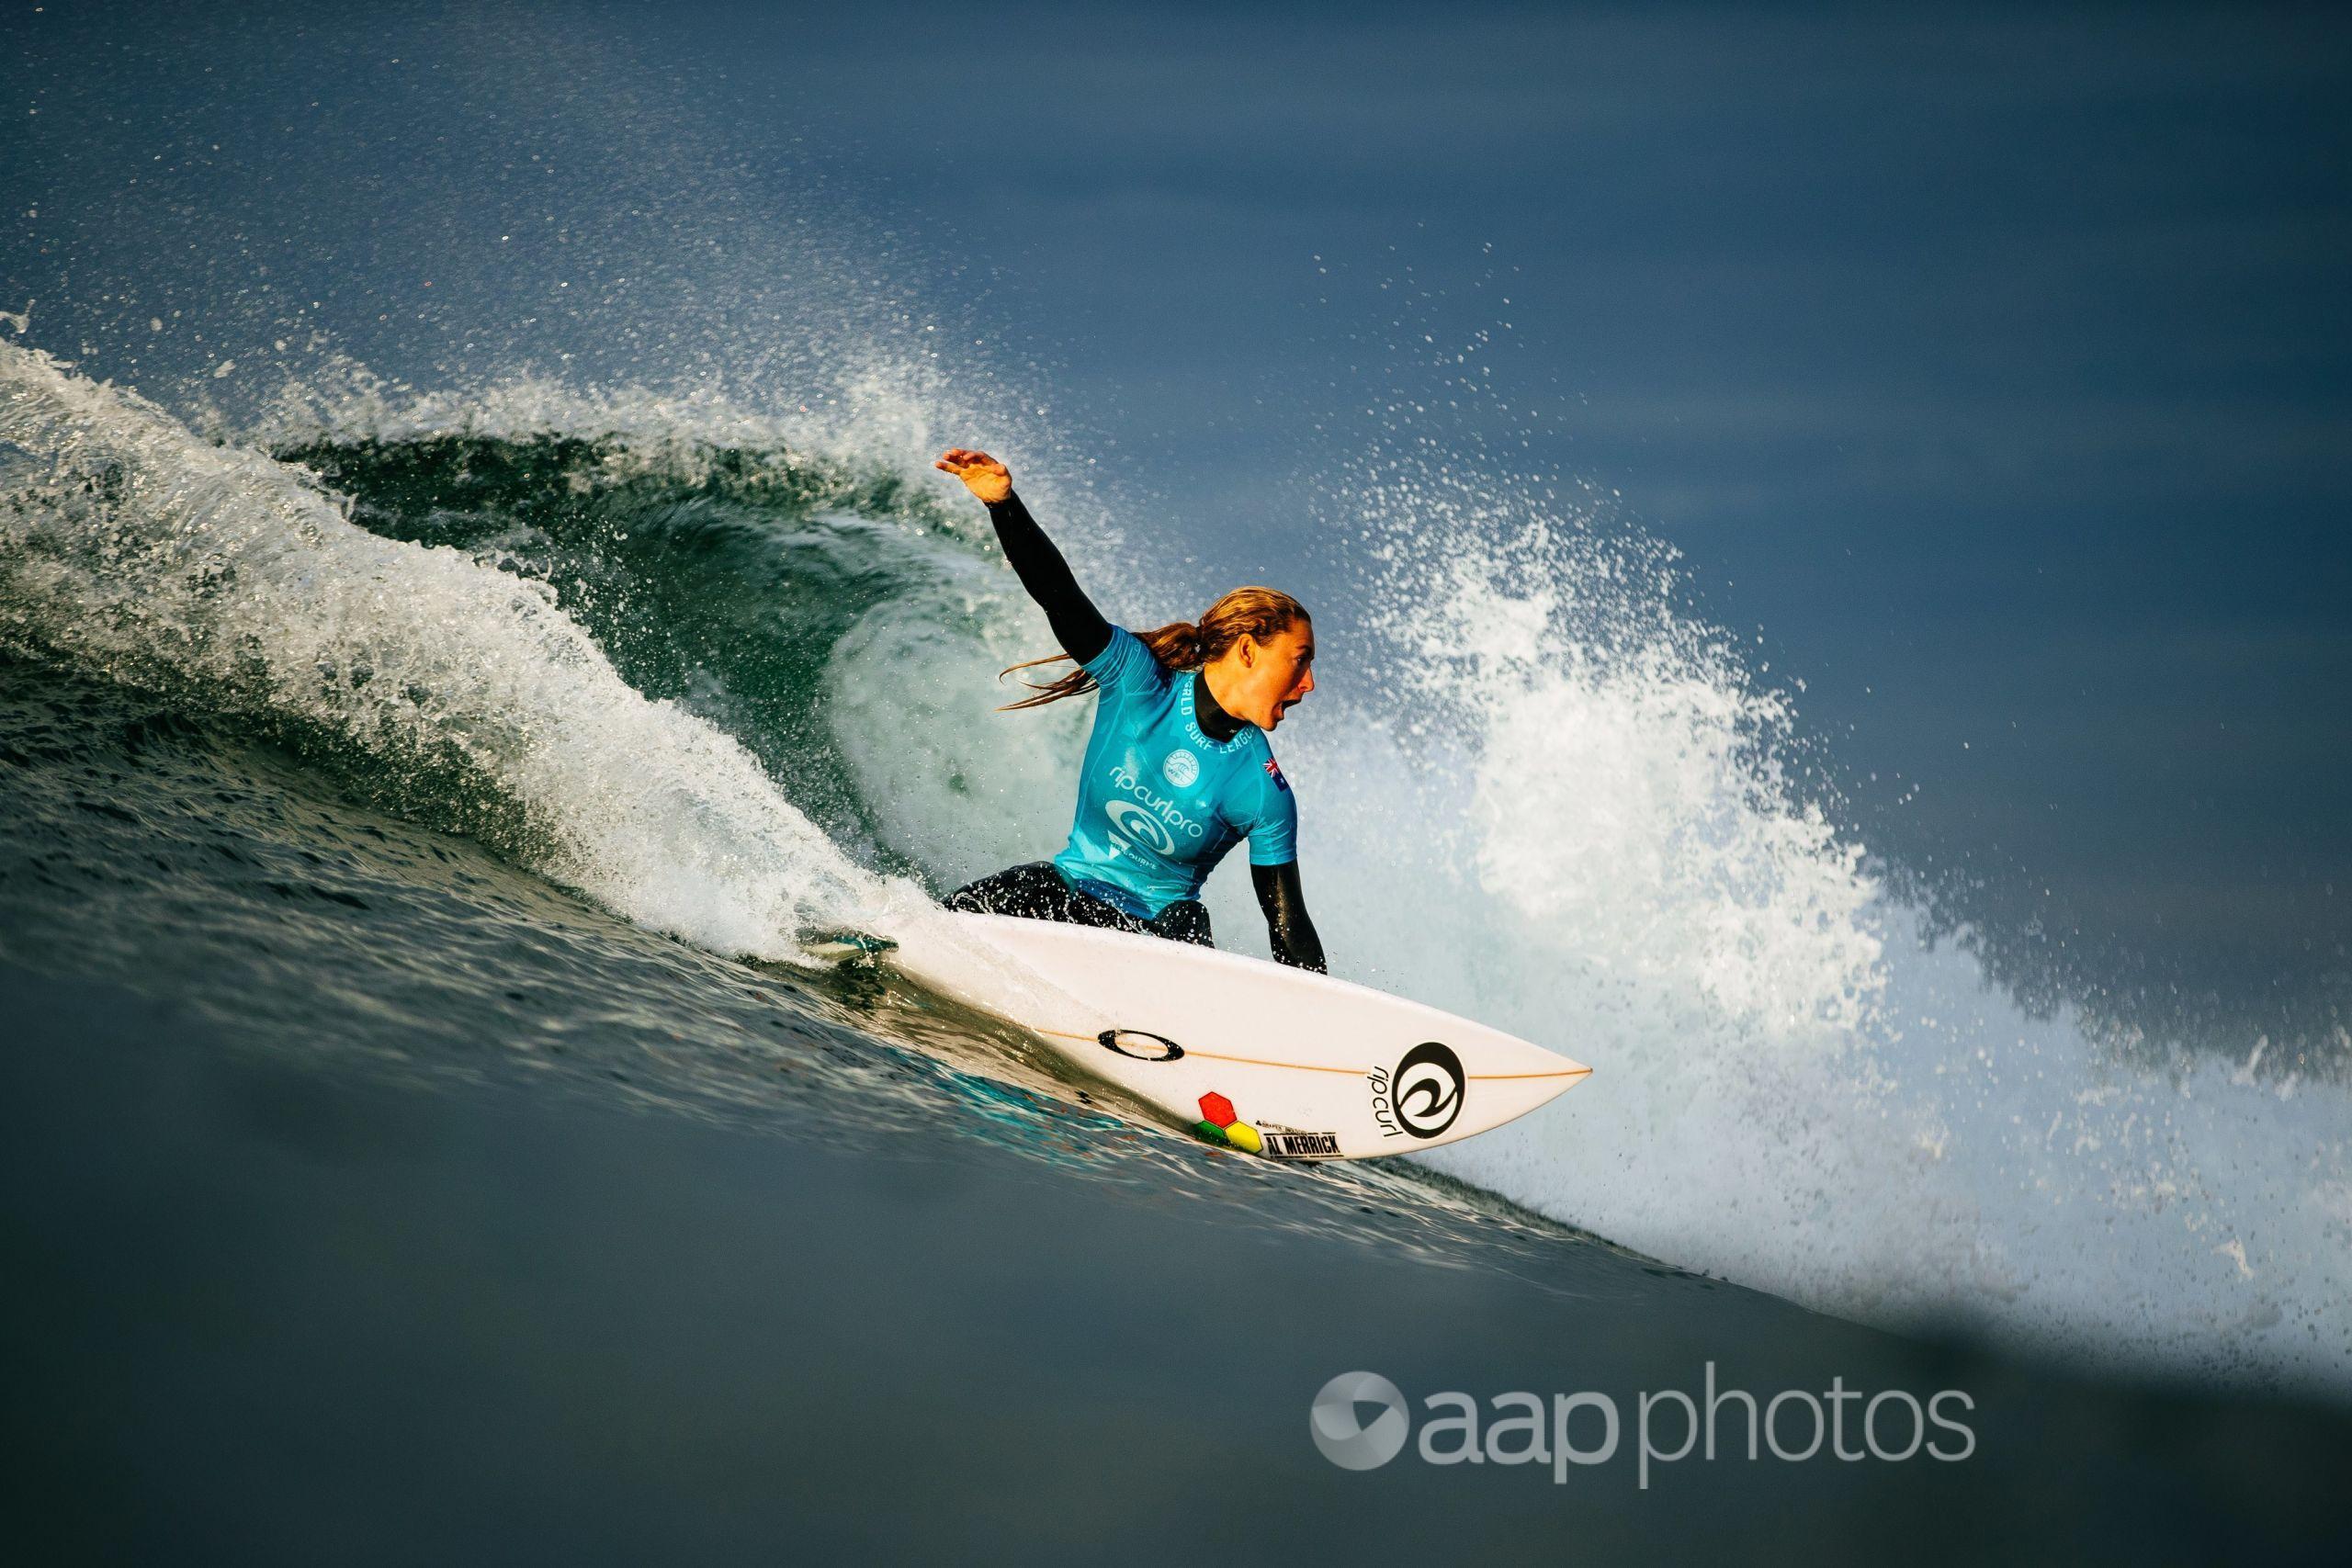 Surfer Nikki Van Dijk at the Rip Curl Pro